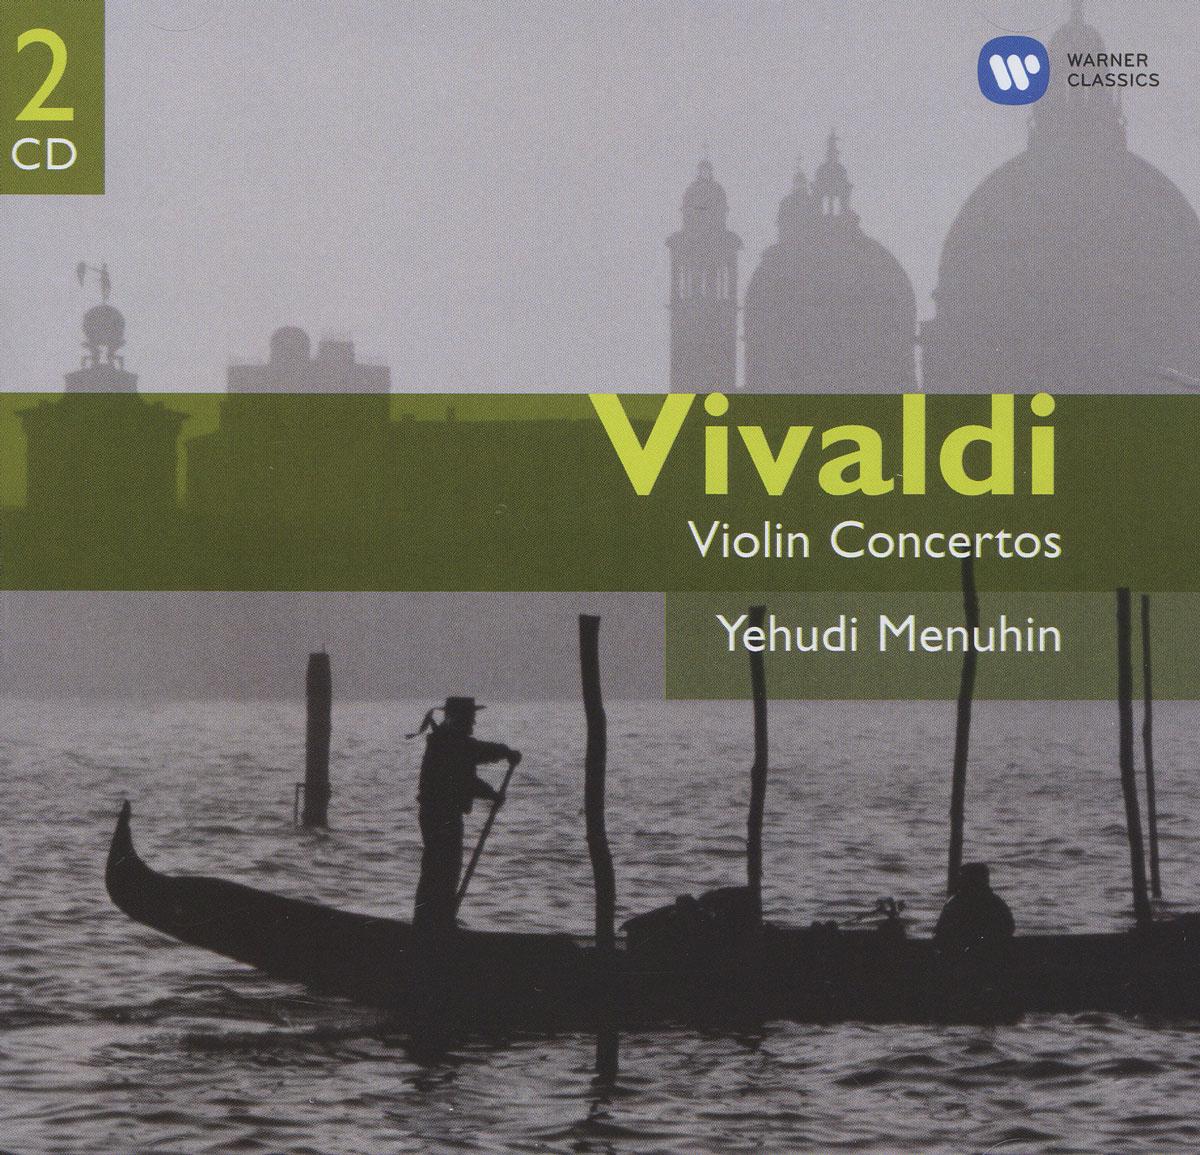 Vivaldi. Violin Concertos. Yehudi Menuhin (2 CD) 2003 2 Audio CD